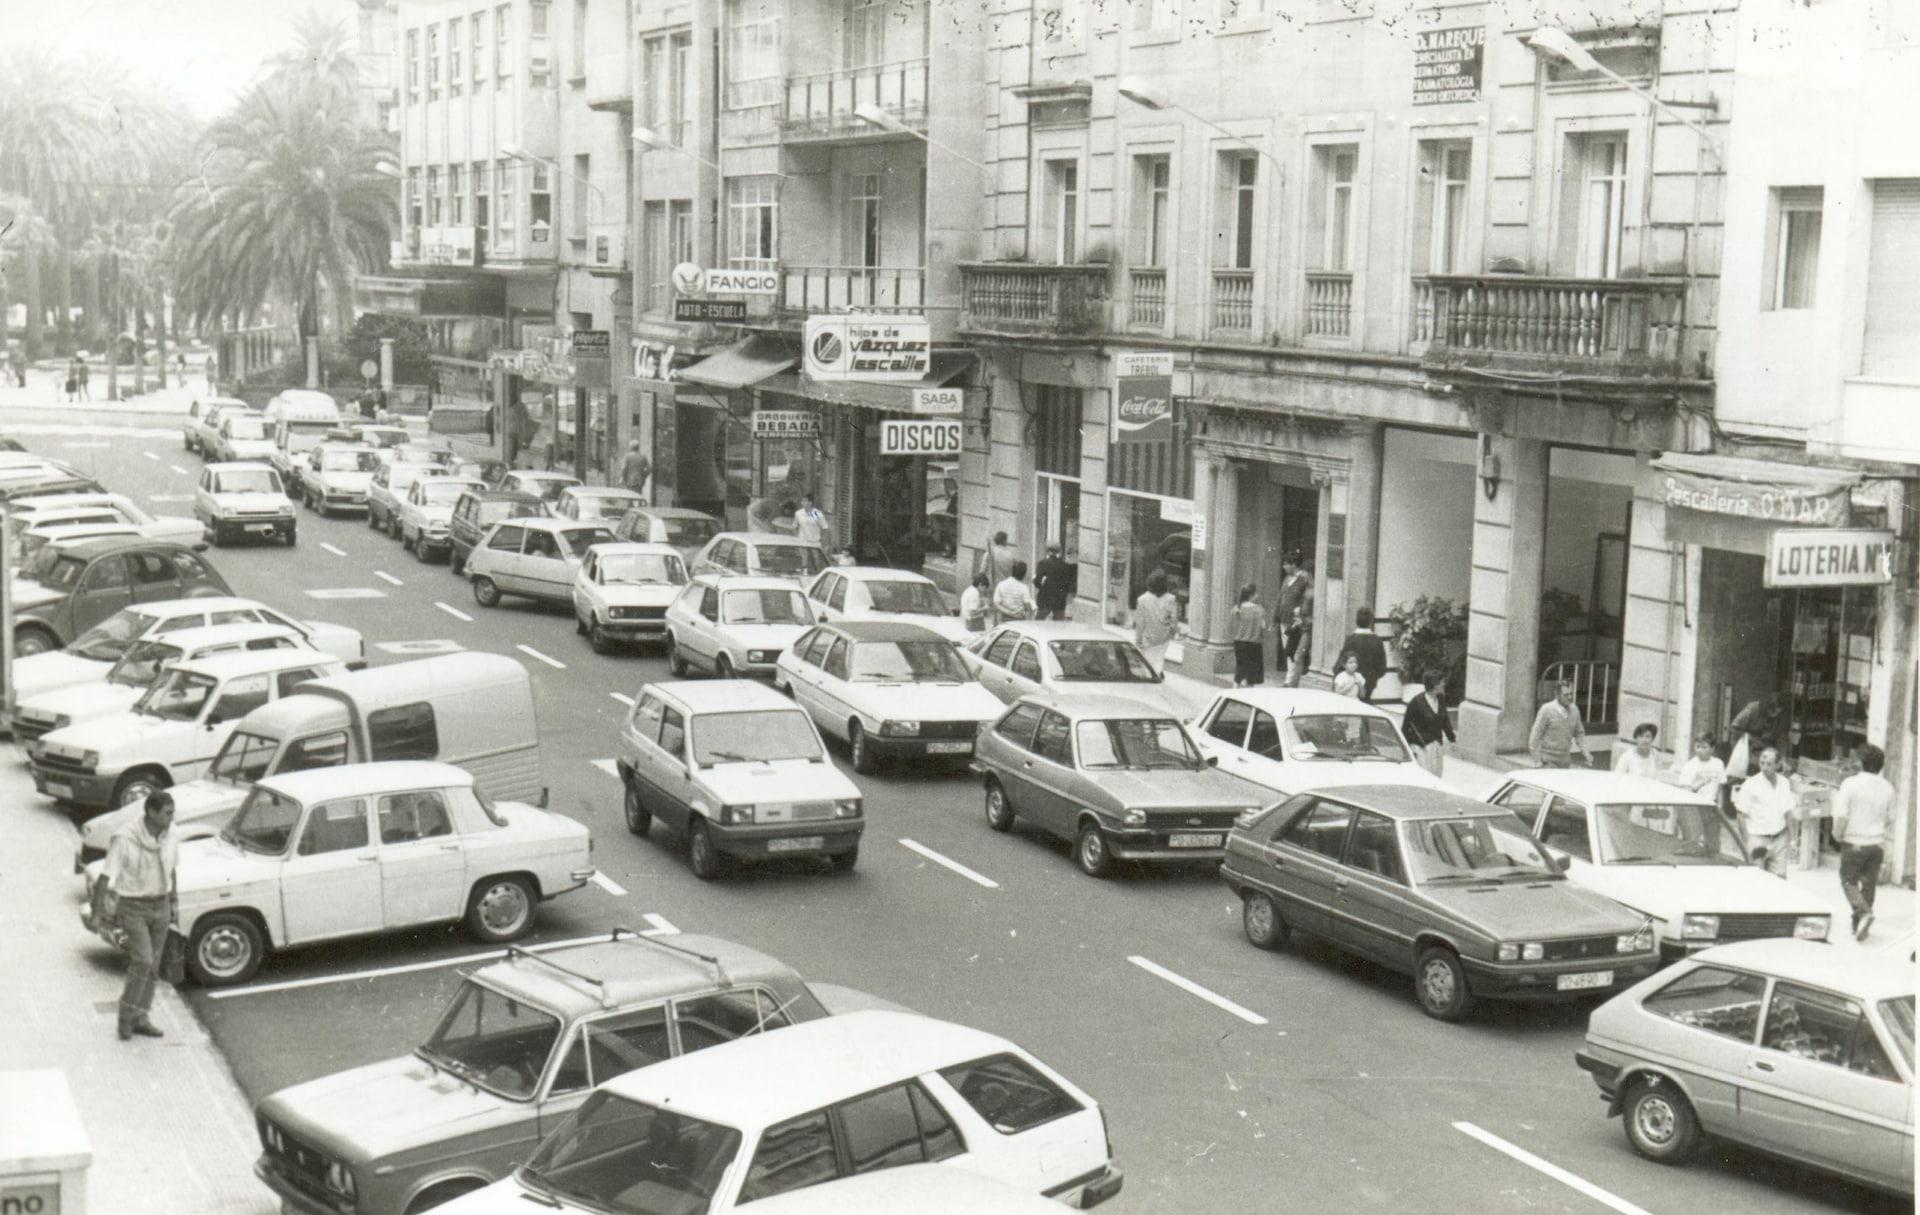 Une photo en noir et blanc d'un centre-ville plein de voitures.